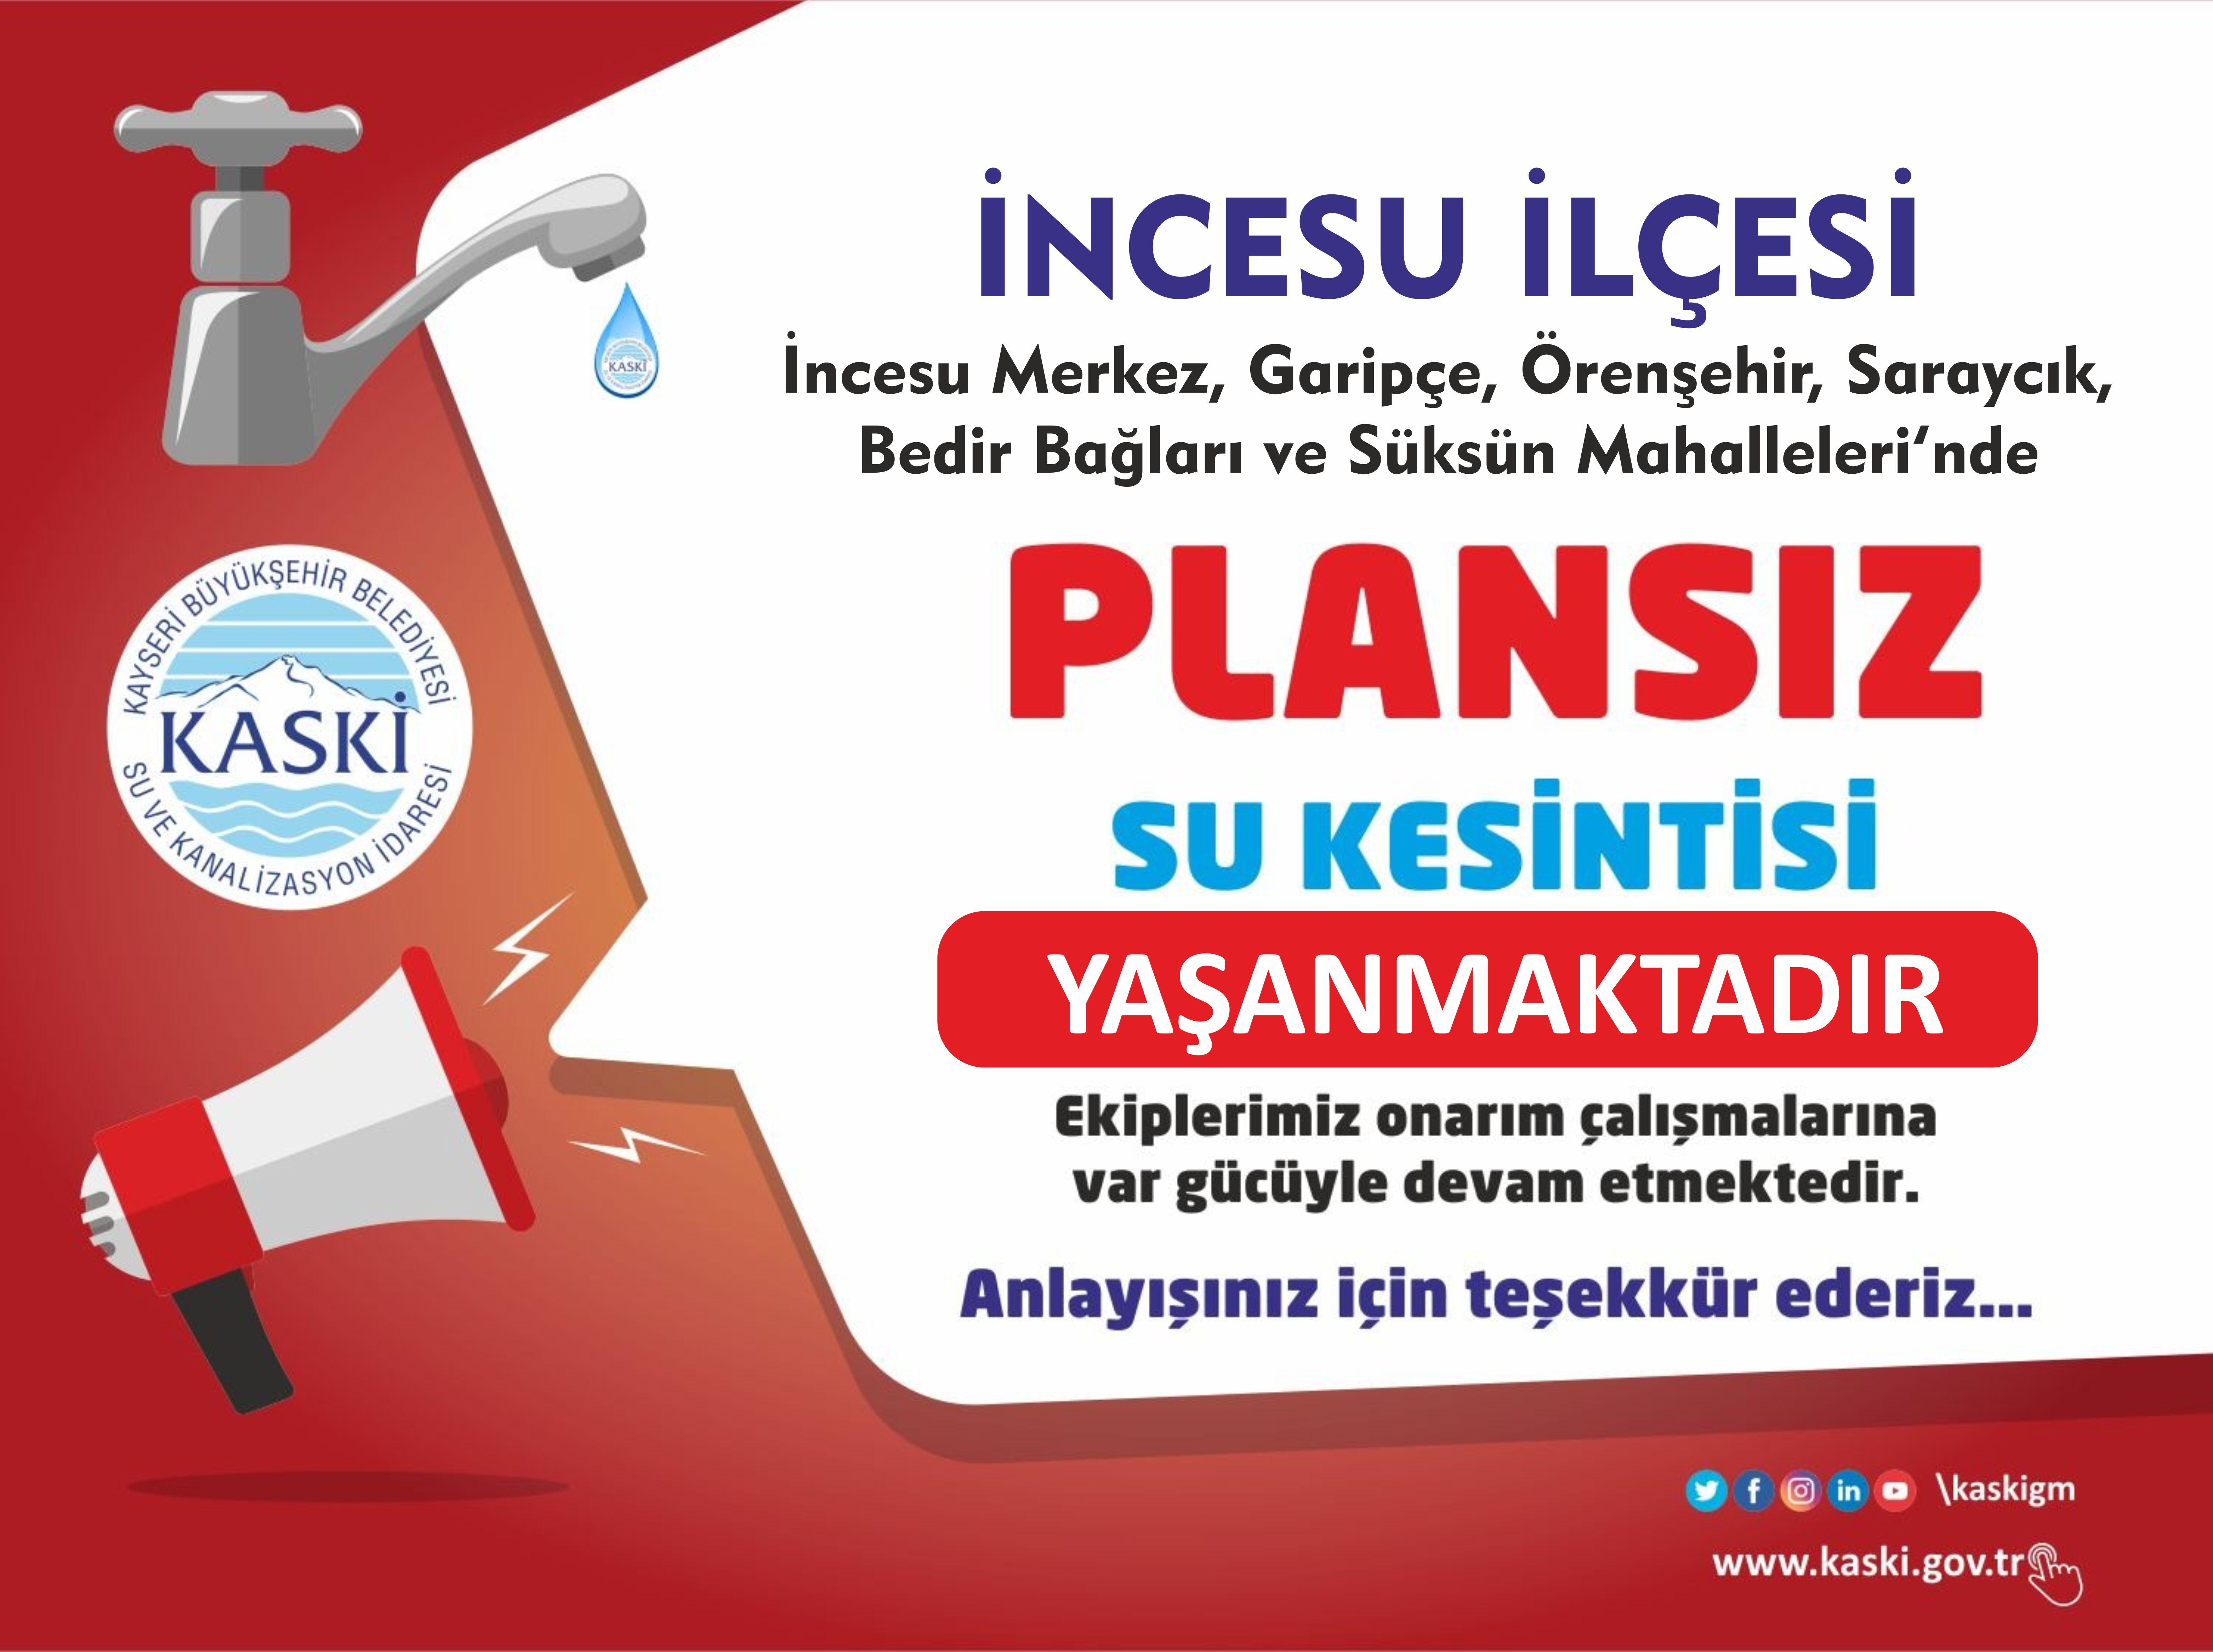 İNCESU İLÇESİ - Plansız Su Kesintisi...